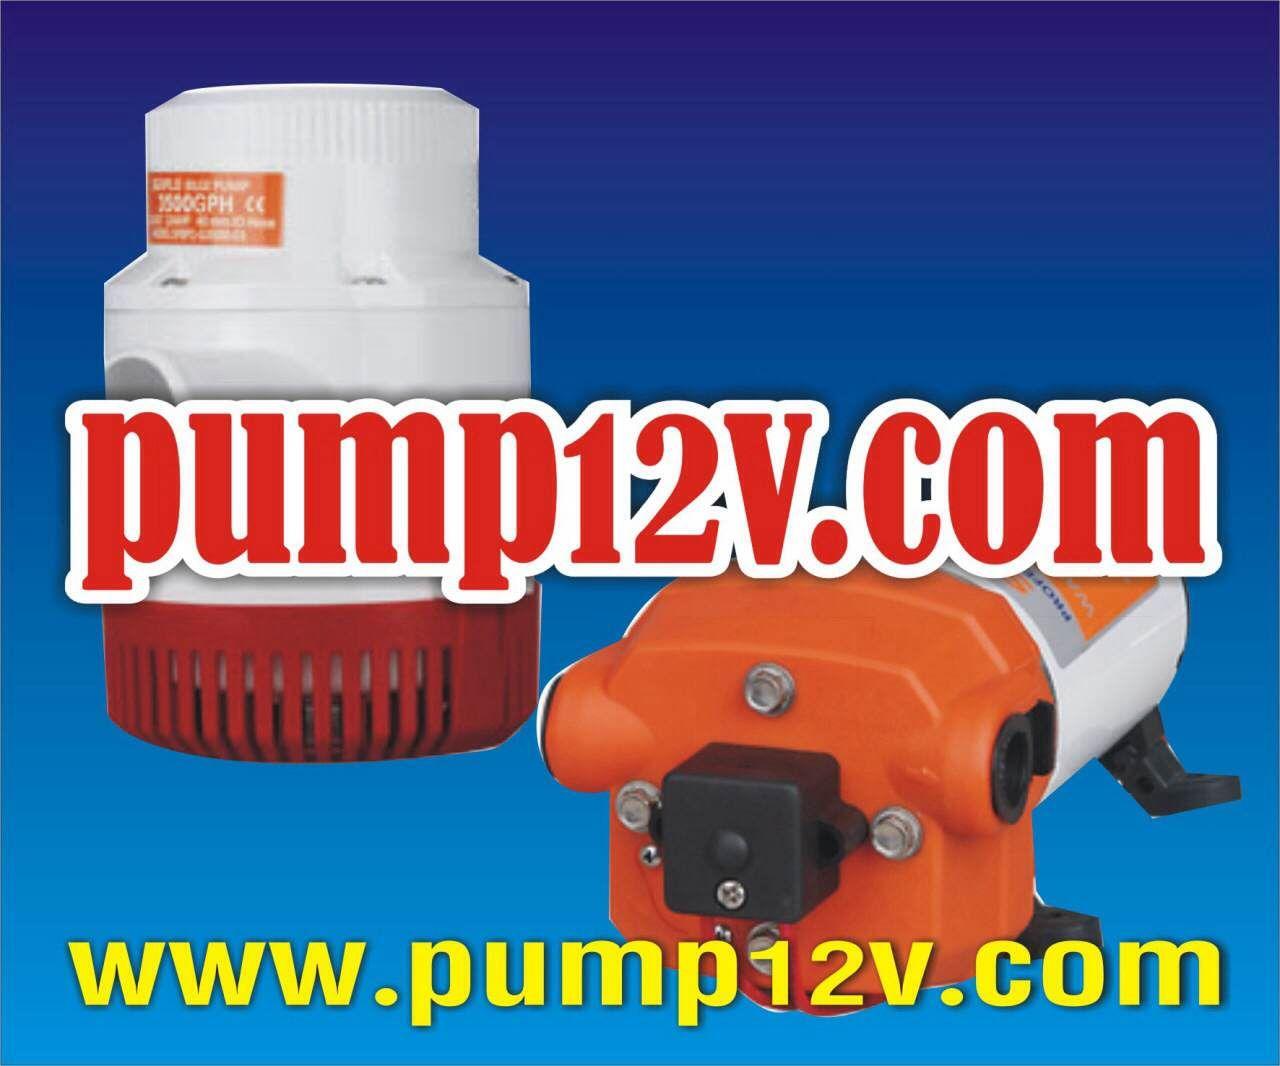 http://www.pump12v.com/